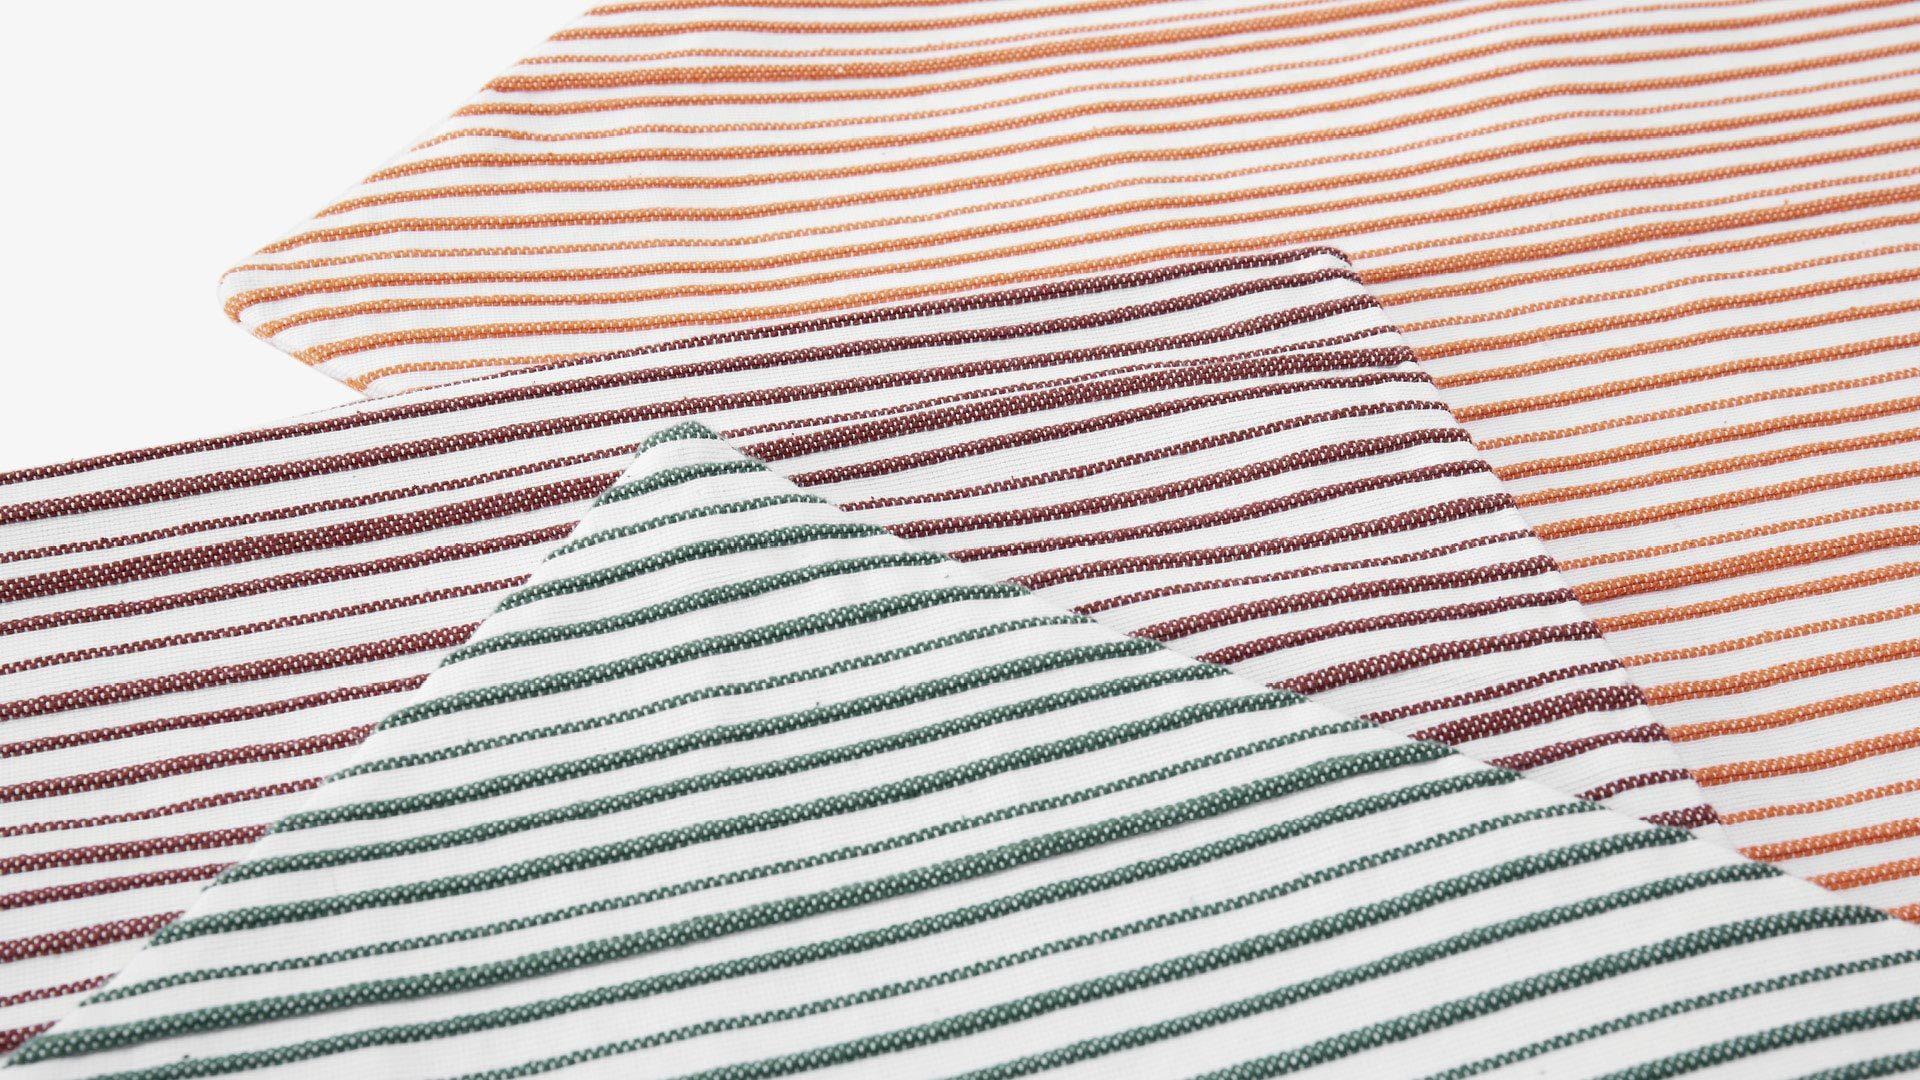 精选100%纯棉材质<br/>吸湿透气,软糯亲肤